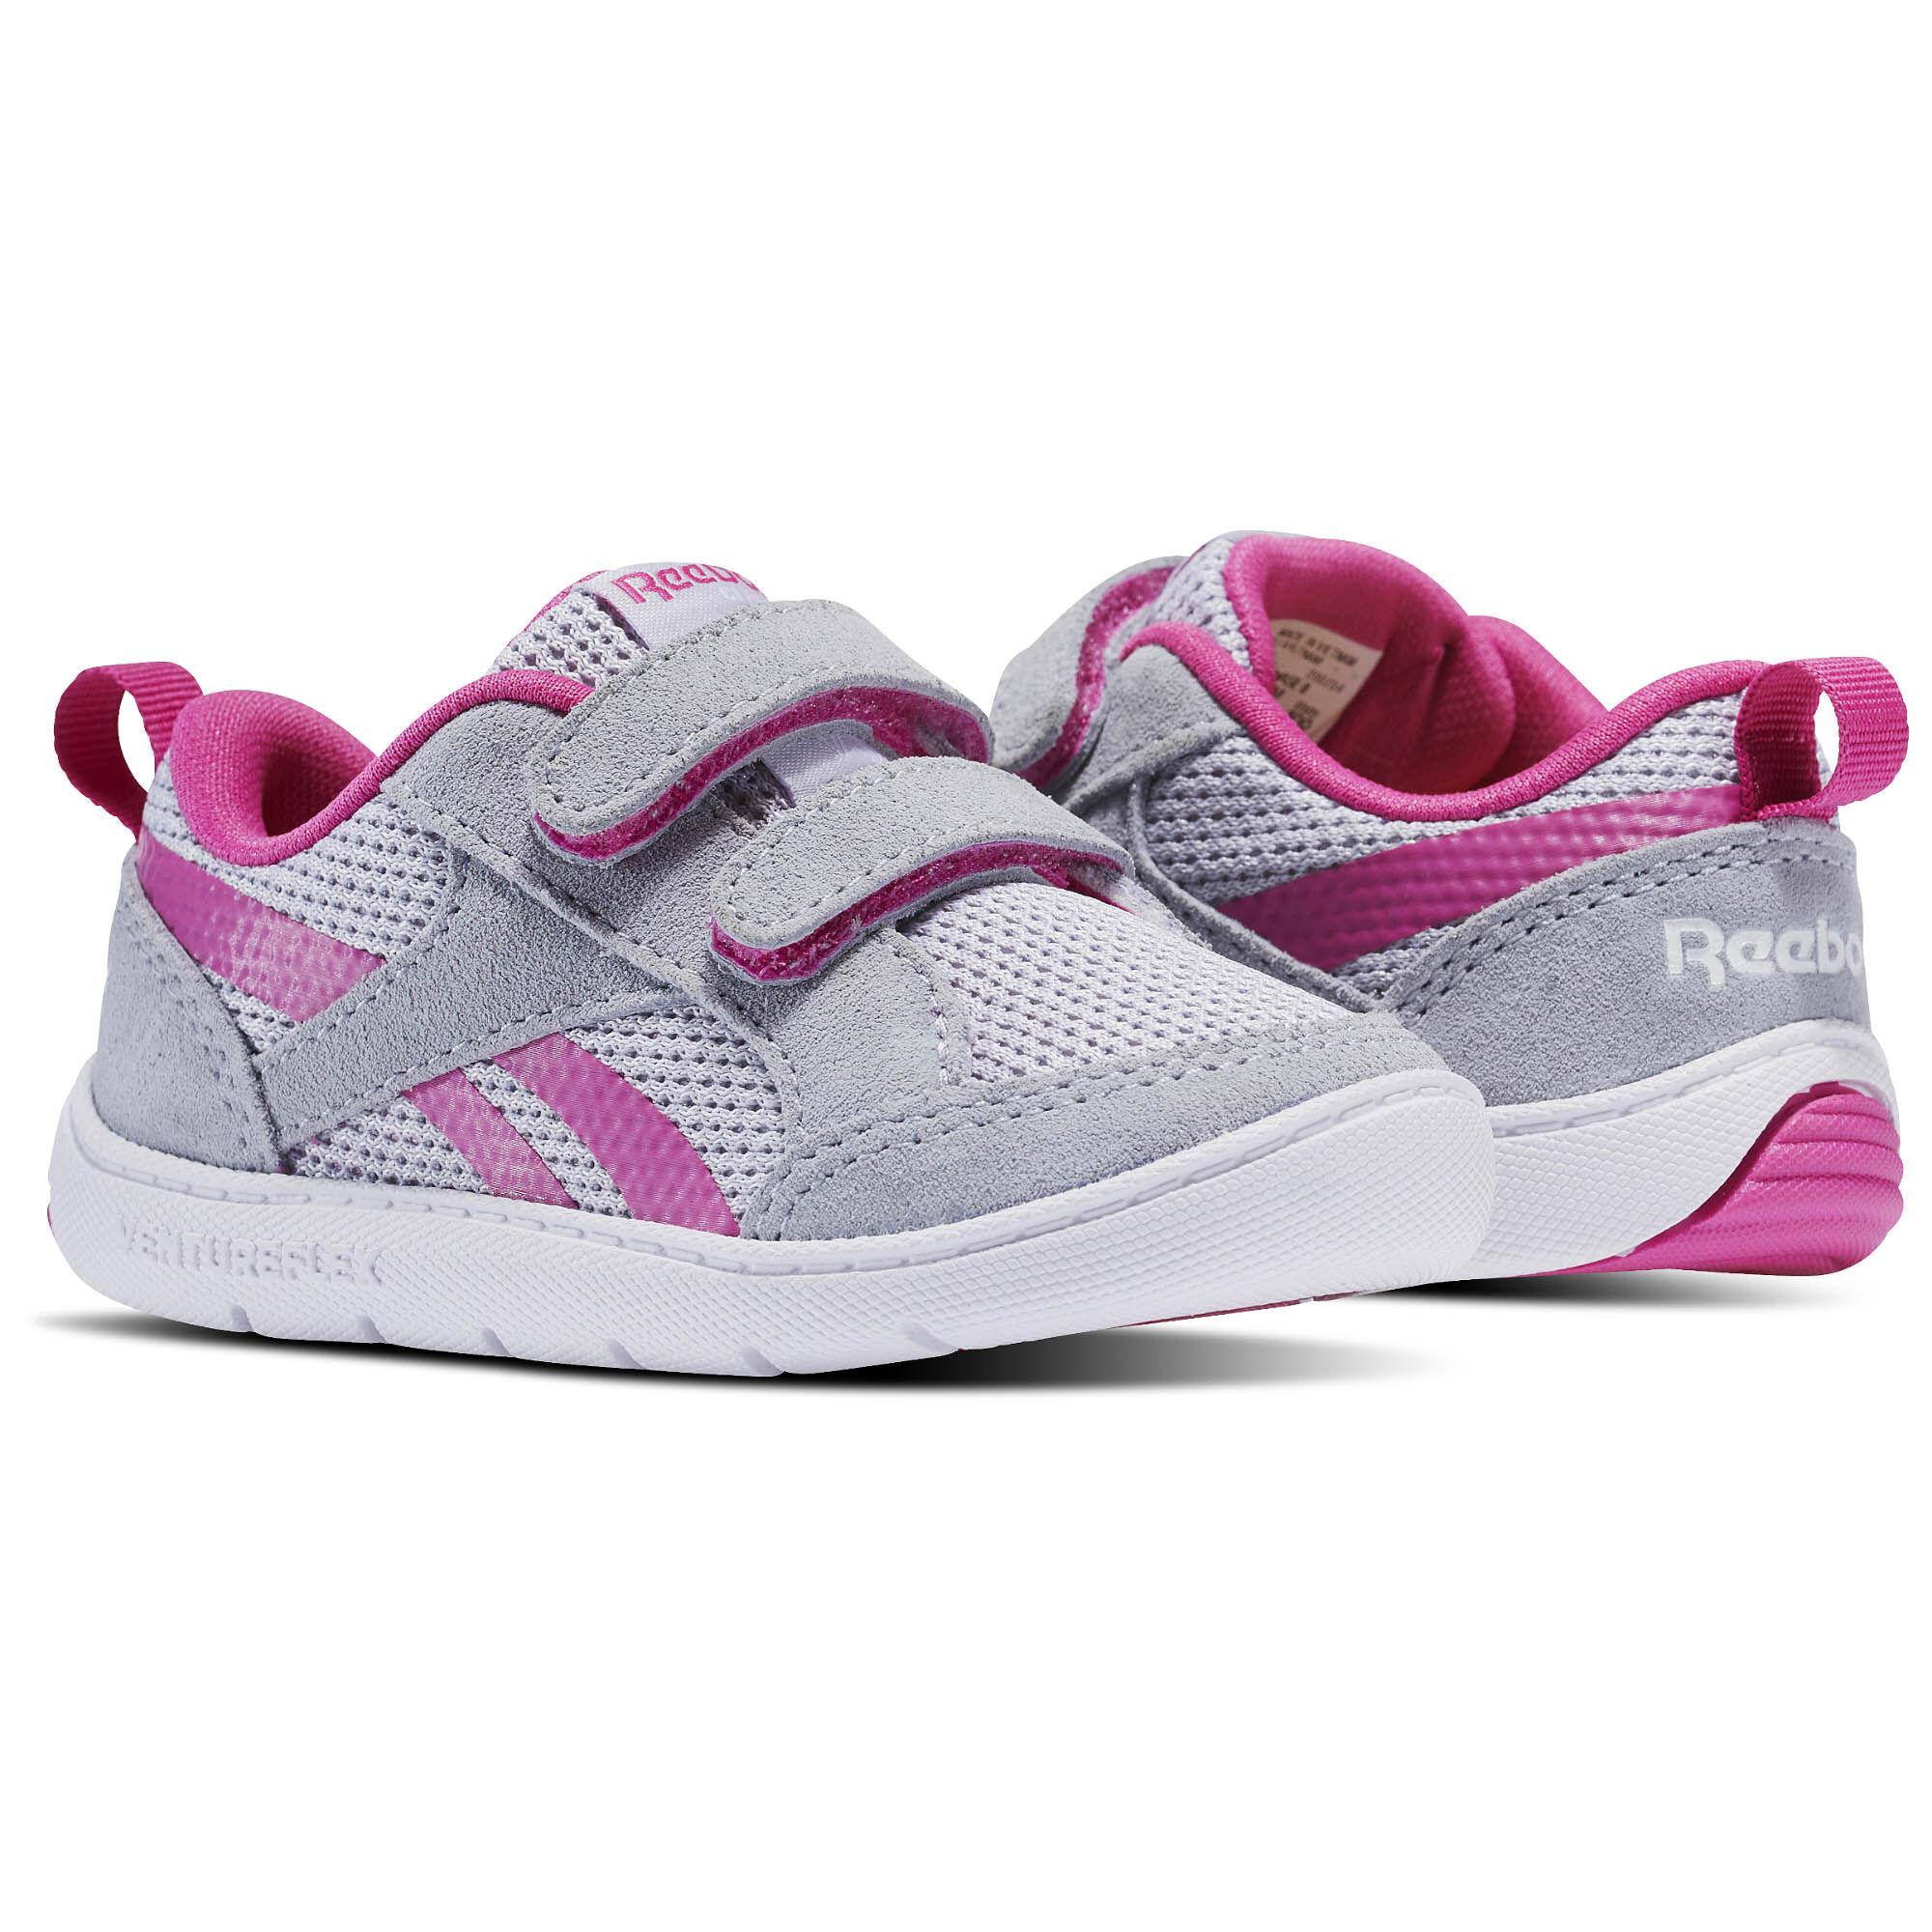 Reebok Sport Ventureflex Pinkcoaltealwht Black-Pink-White Boy